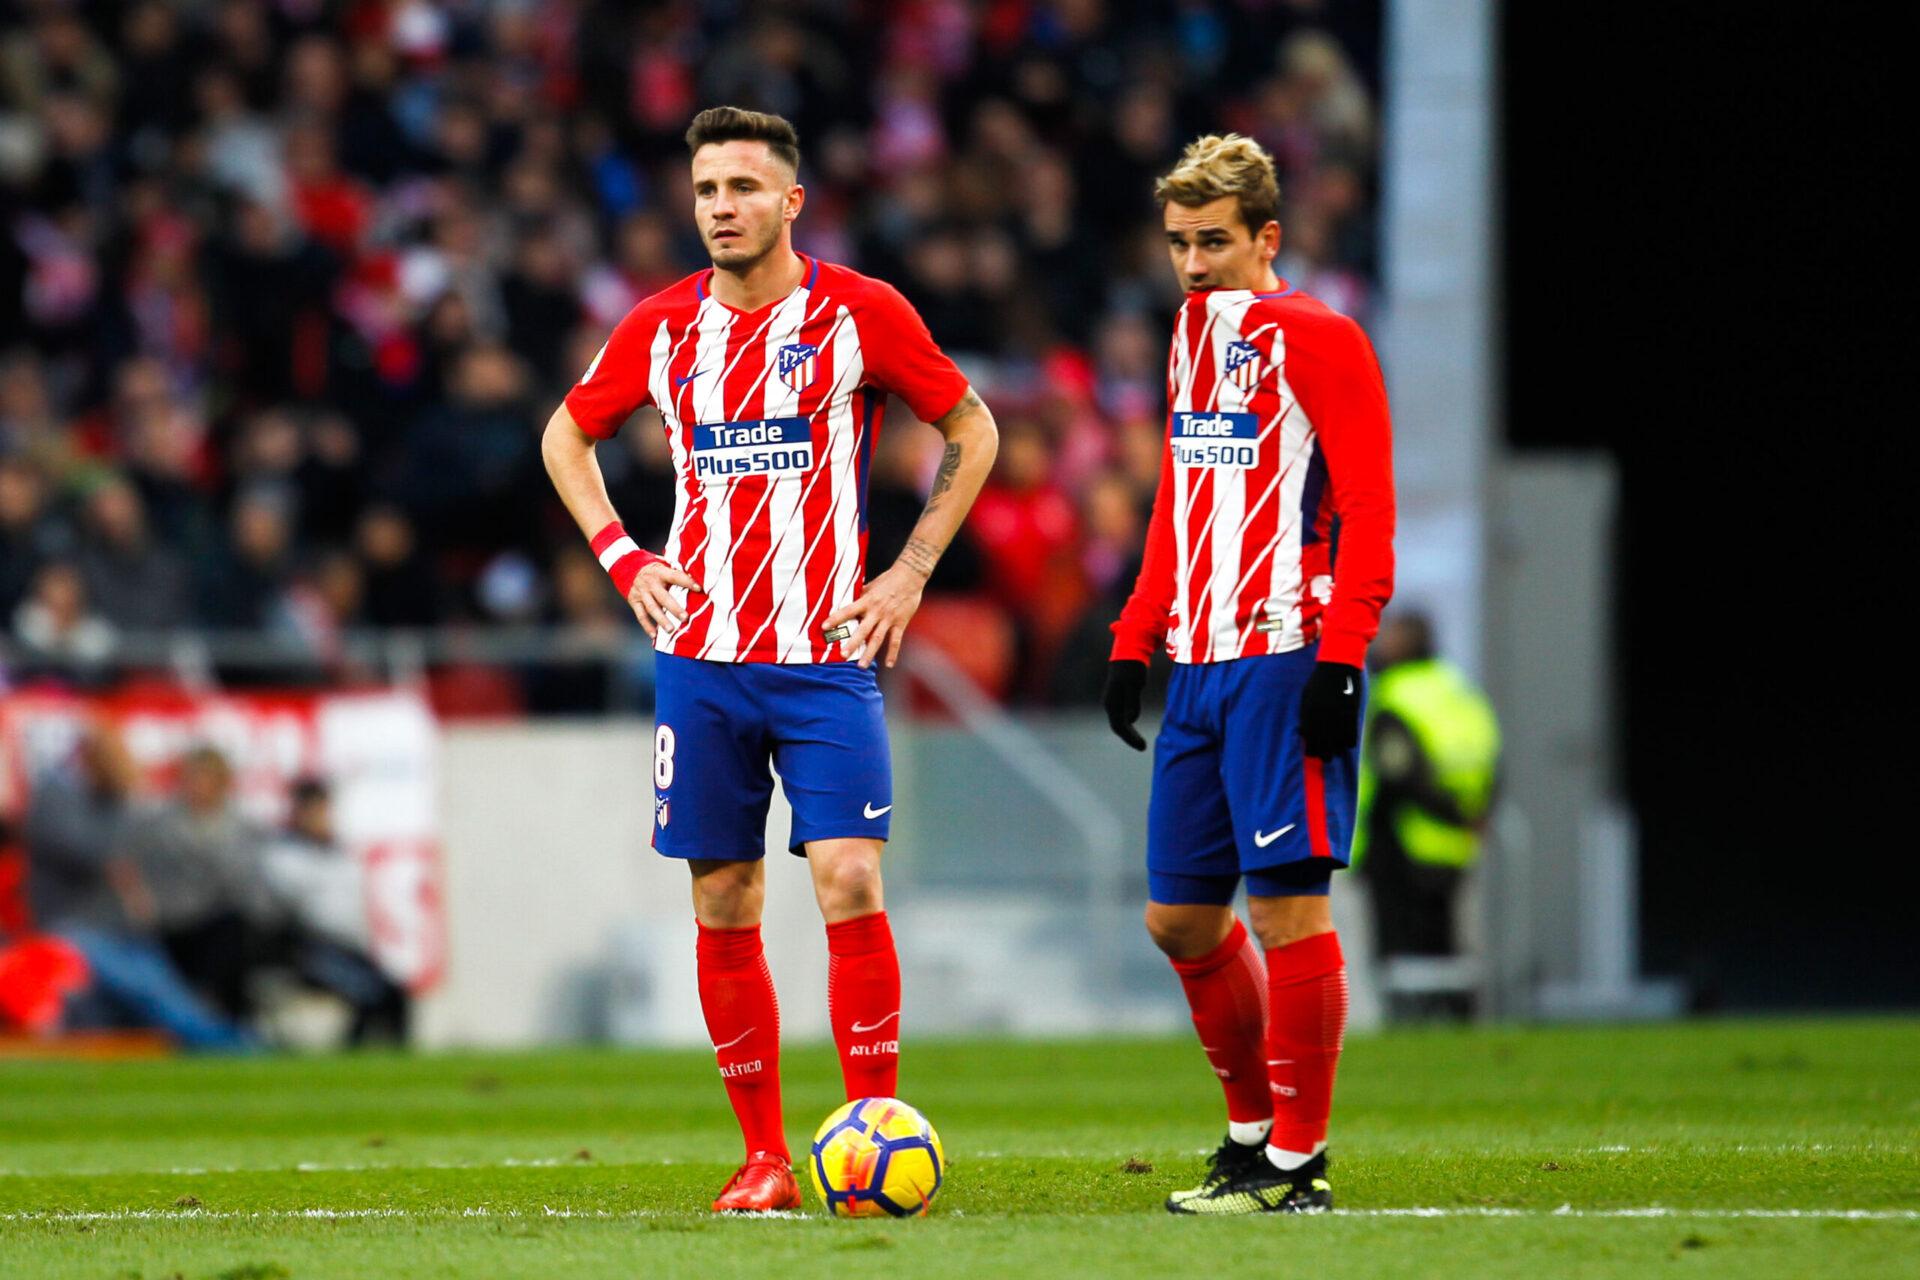 Anciens coéquipiers à l'Atlético de Madrid, Saúl et Griezmann pourraient faire l'objet d'un échange cet été (iconsport)